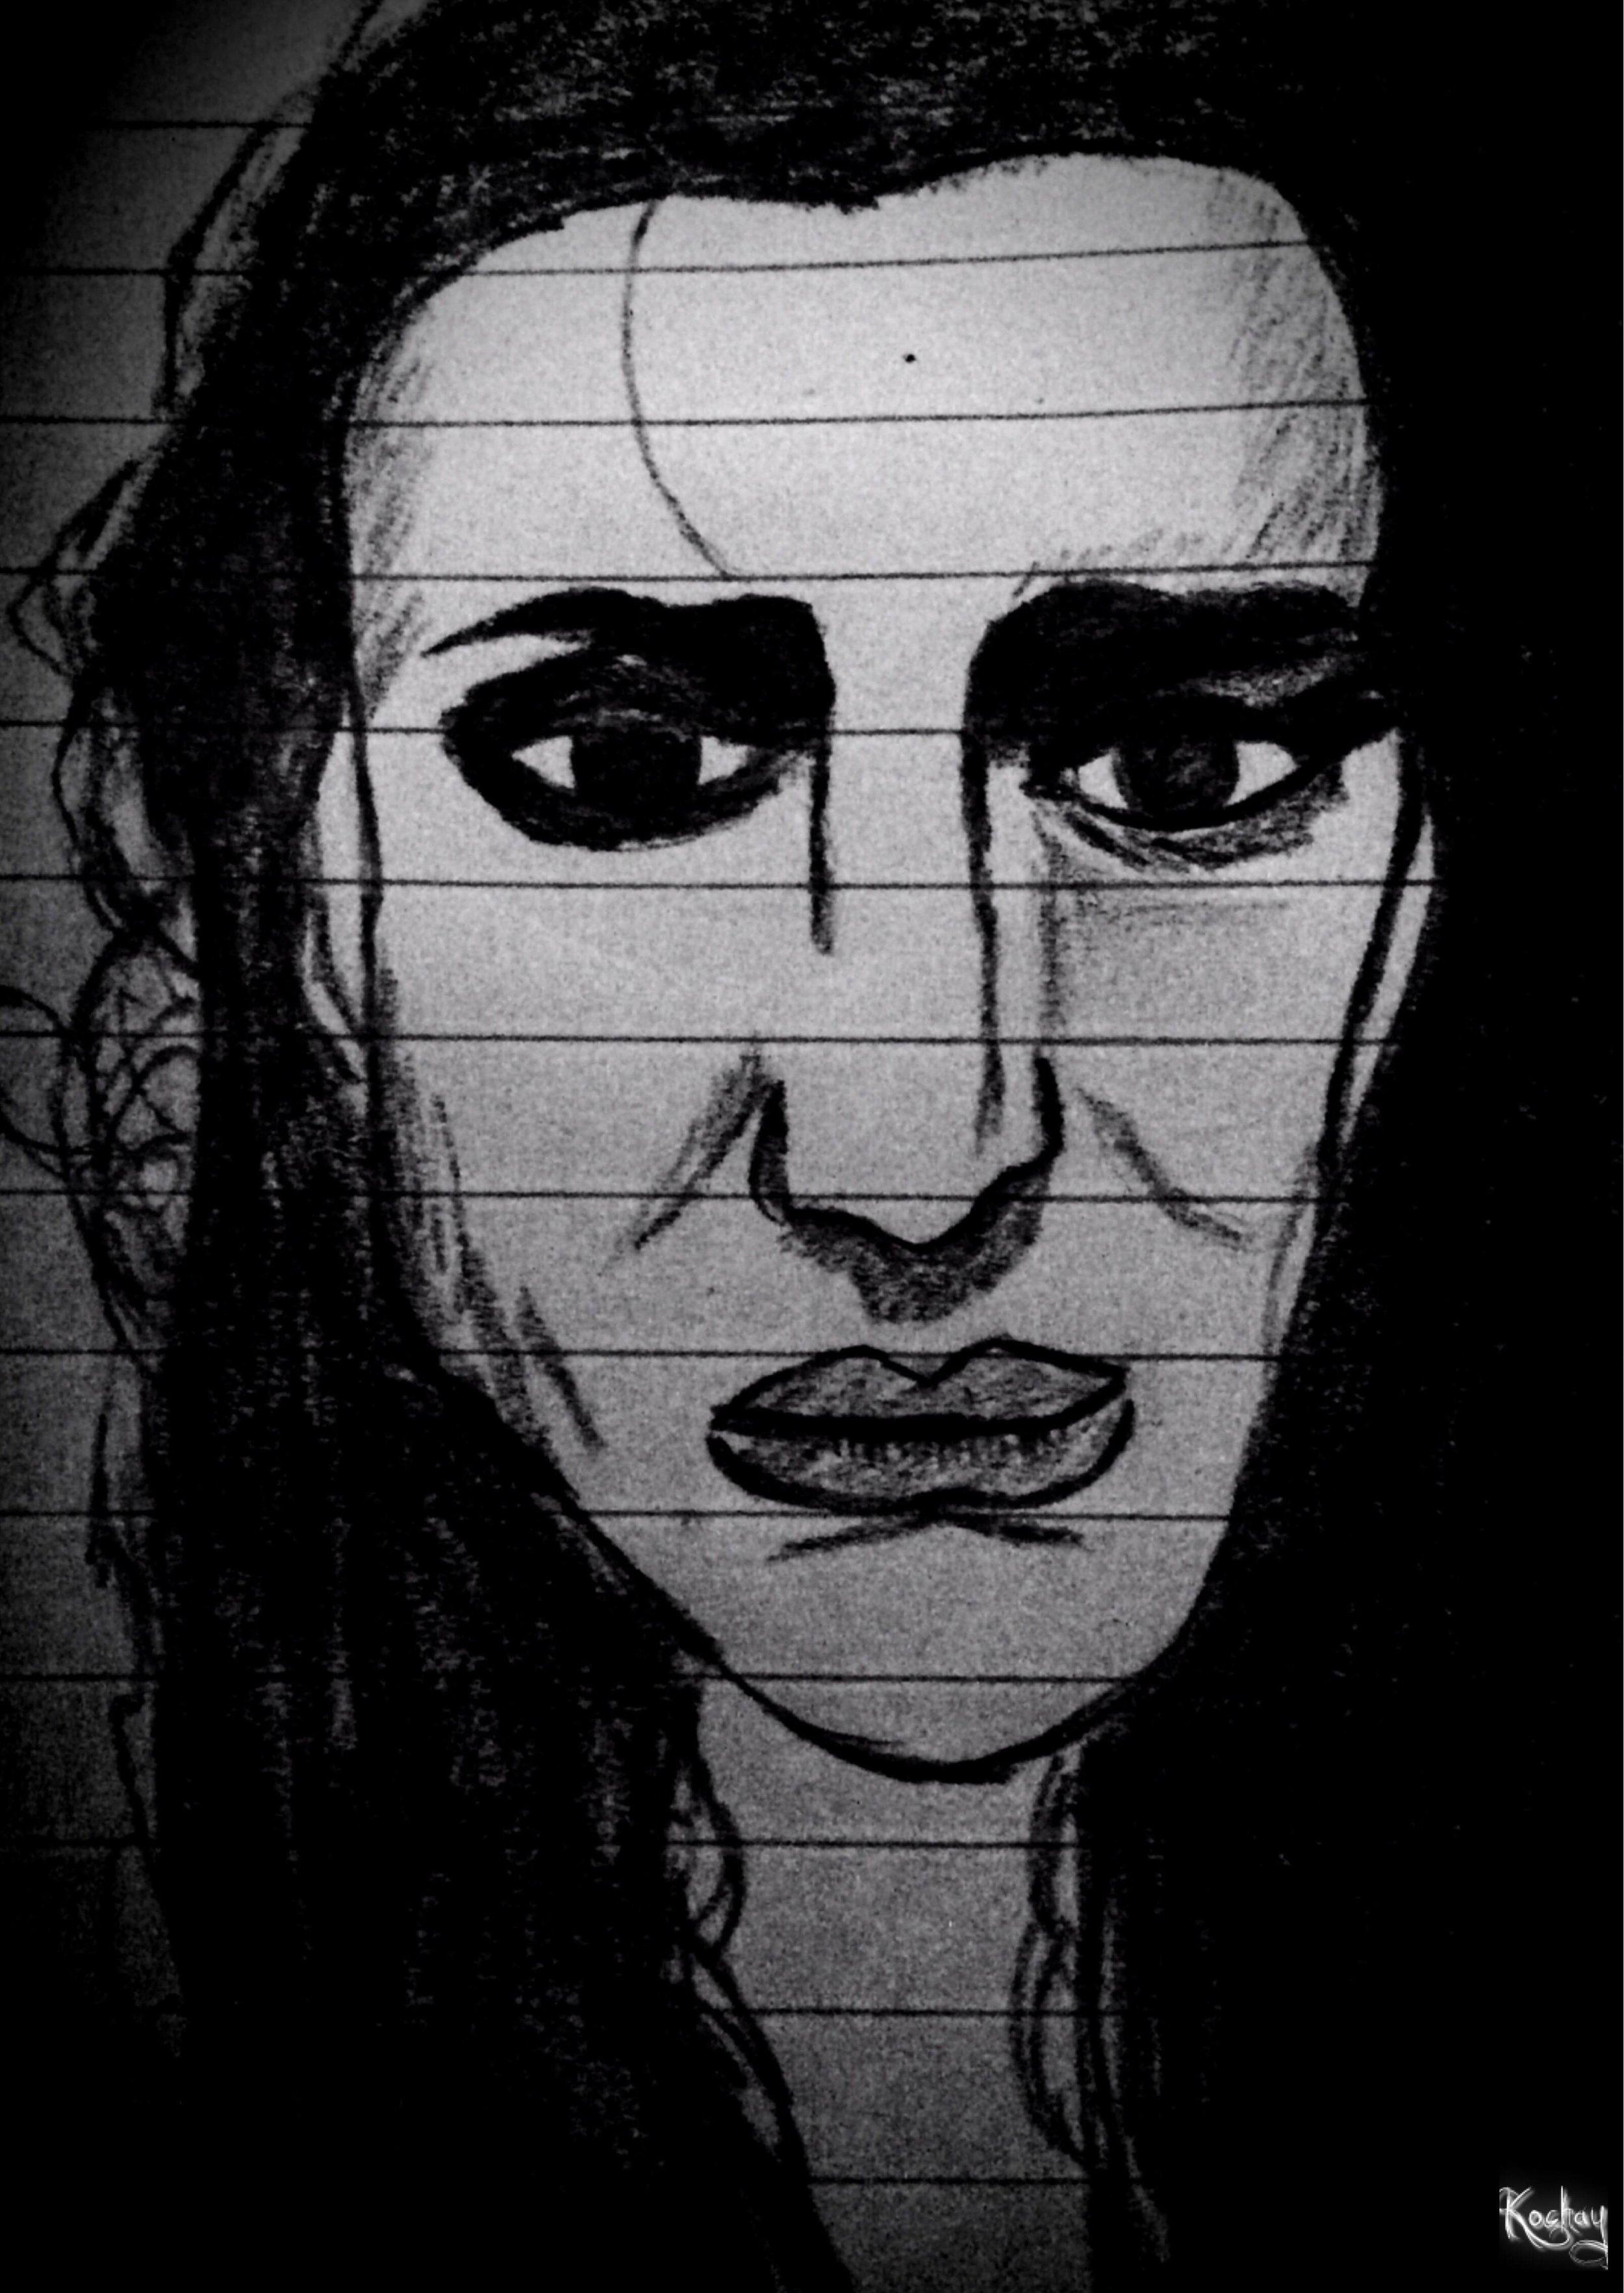 Artist: Kochay